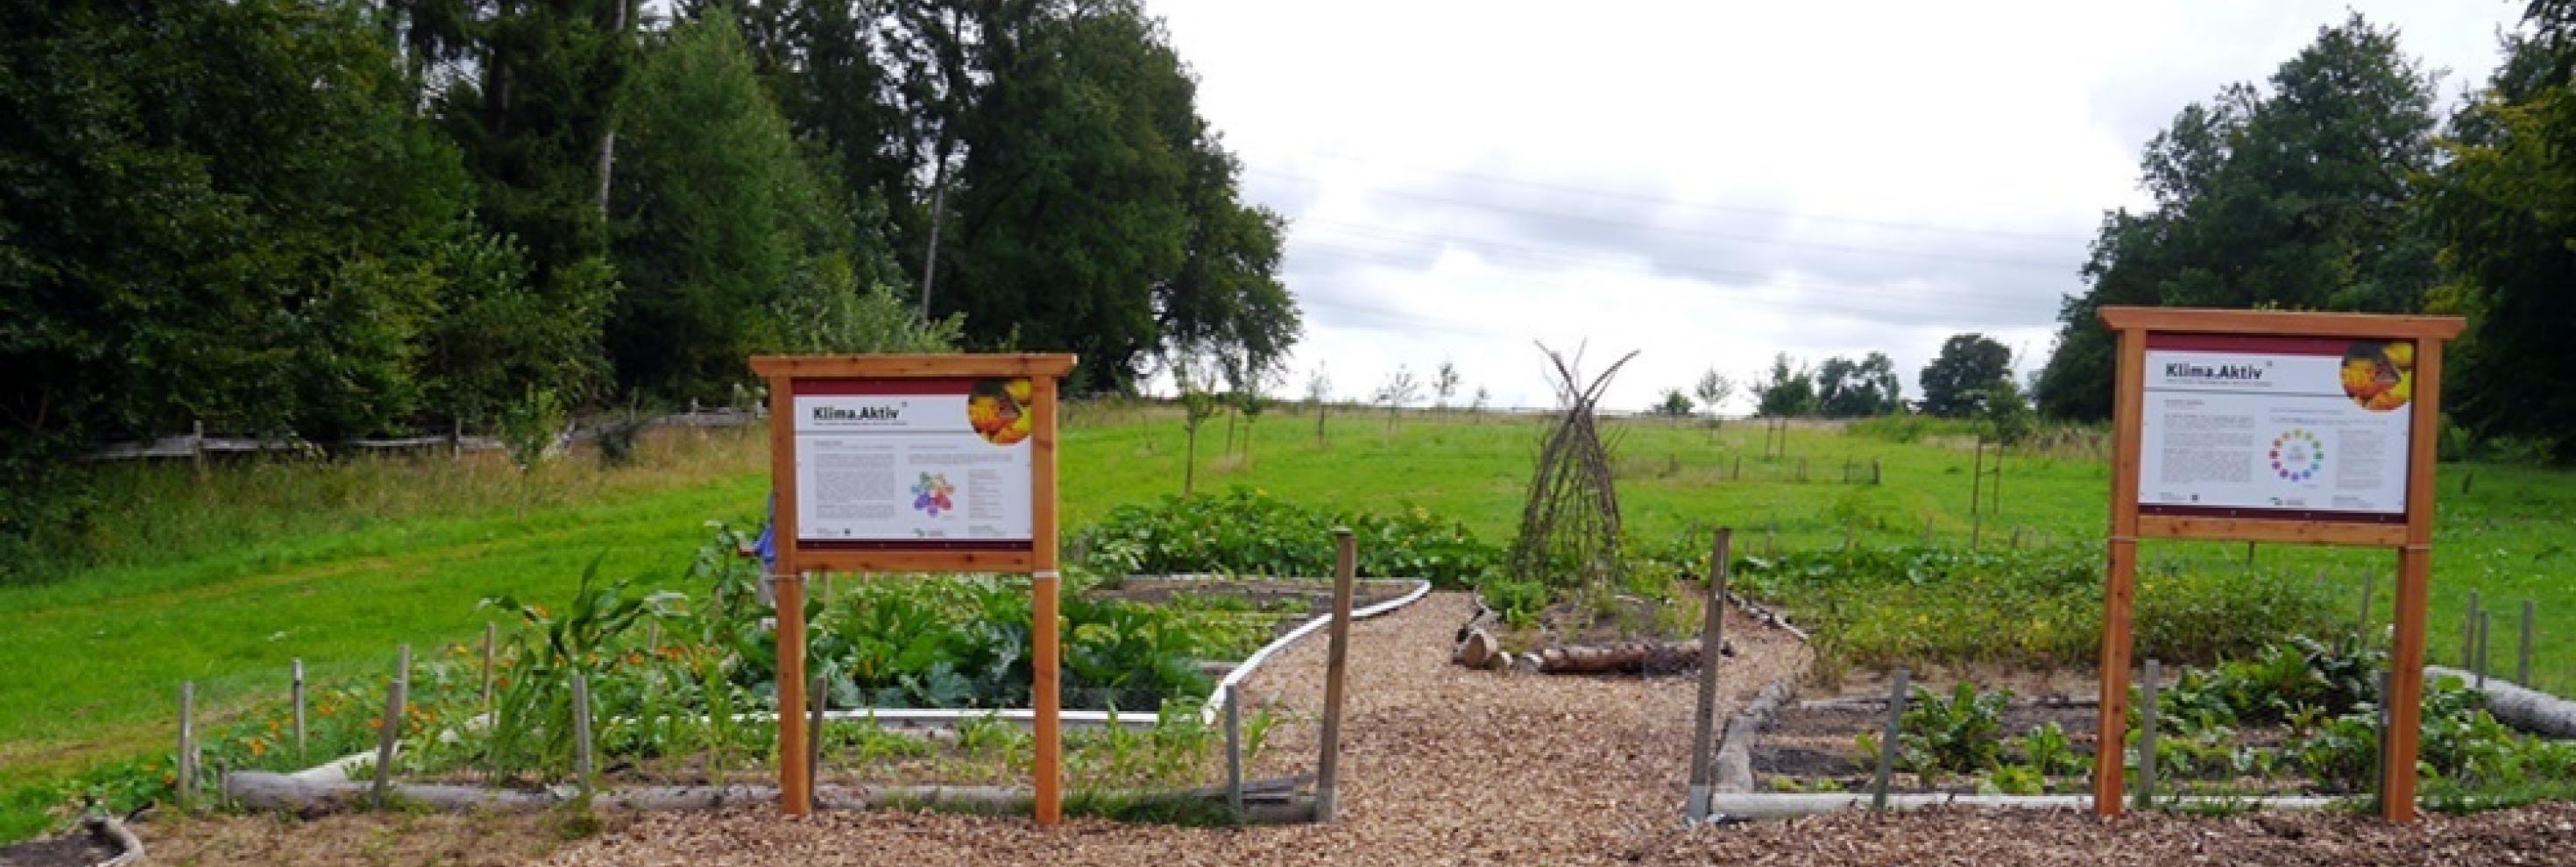 Klima.Aktiv Garten